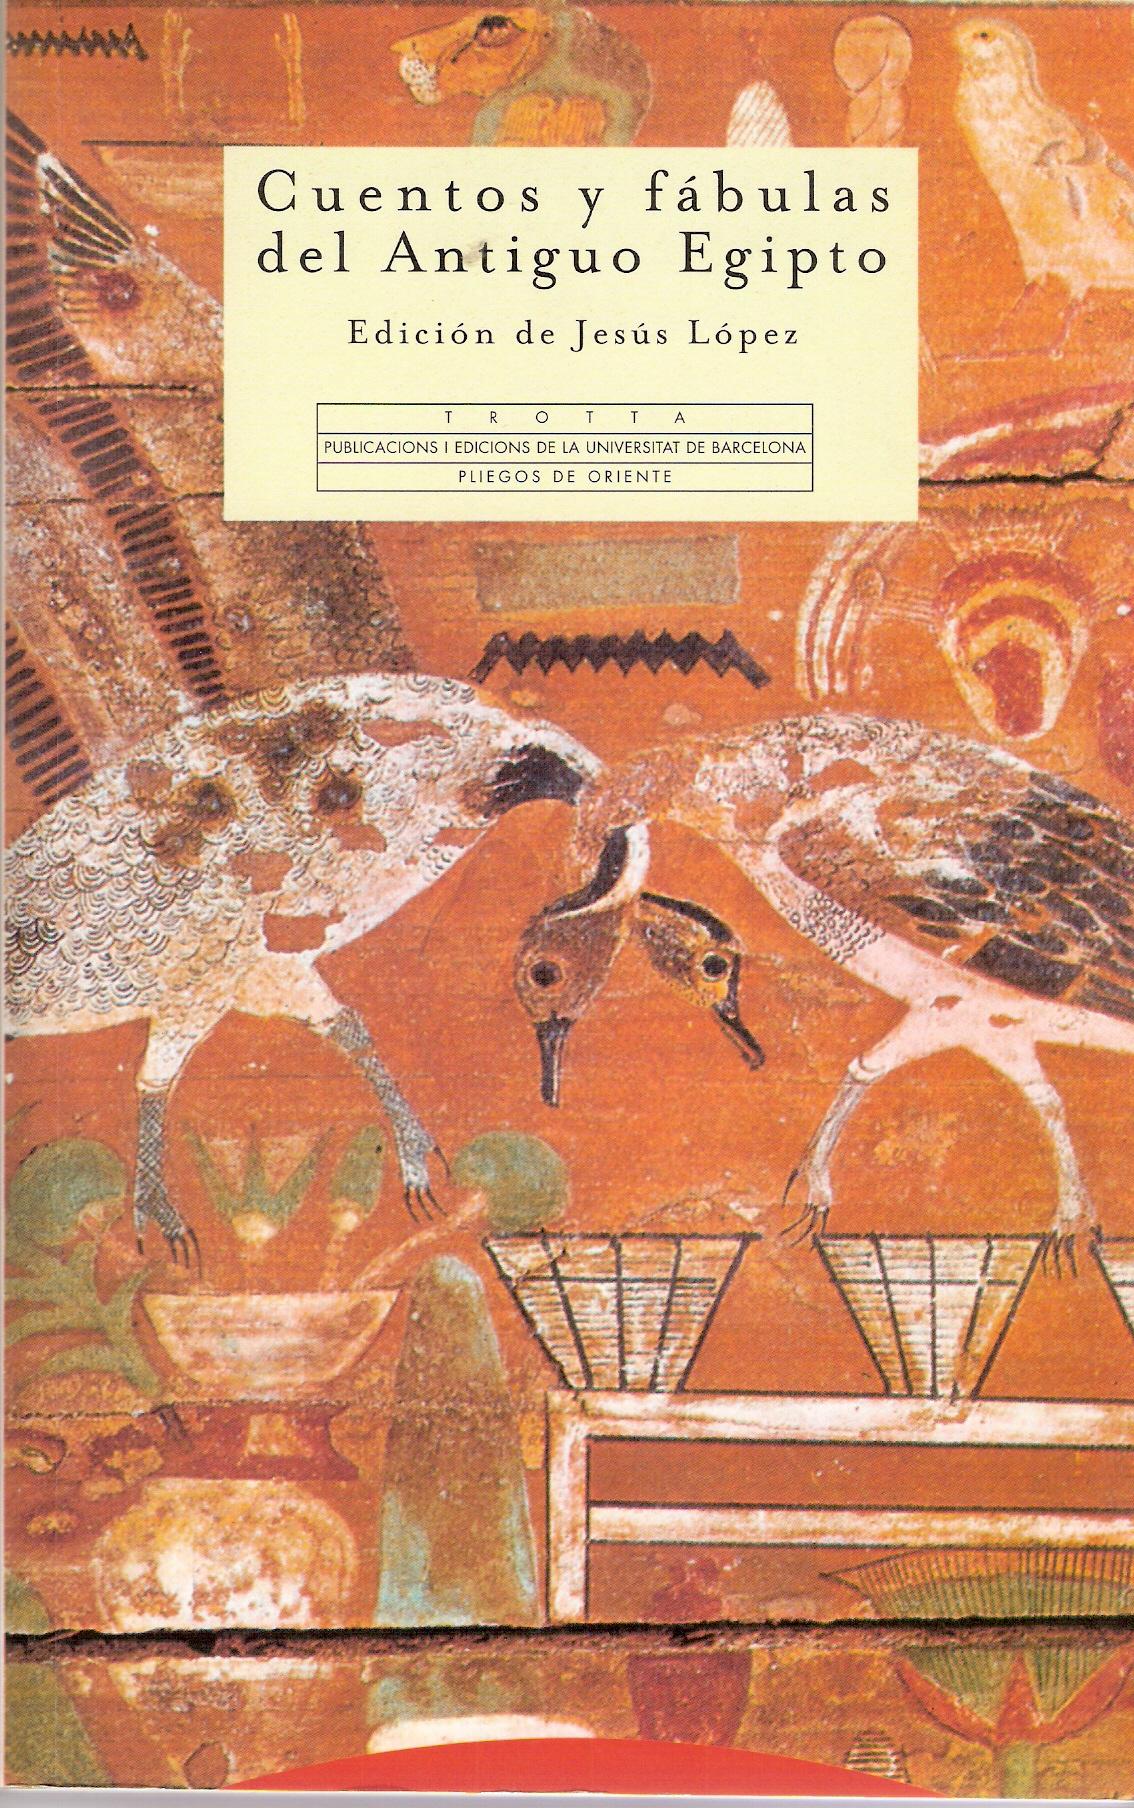 Cuentos y fábulas del antiguo Egipto